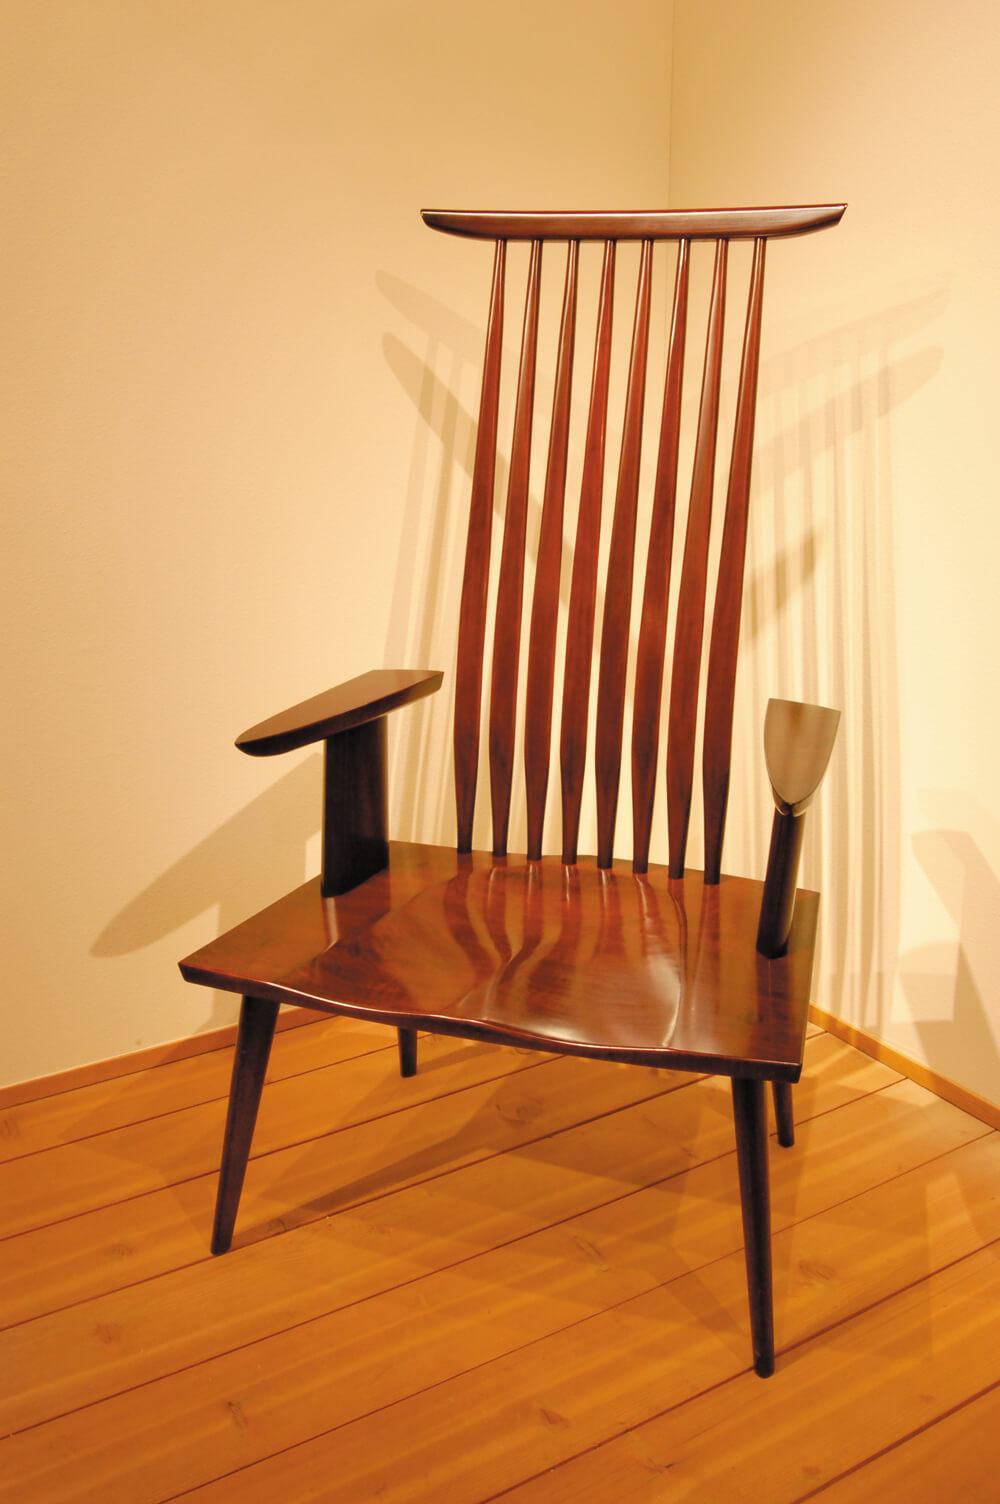 2007年5月3日から開催の「窪田 謙二 木工展」の作品02